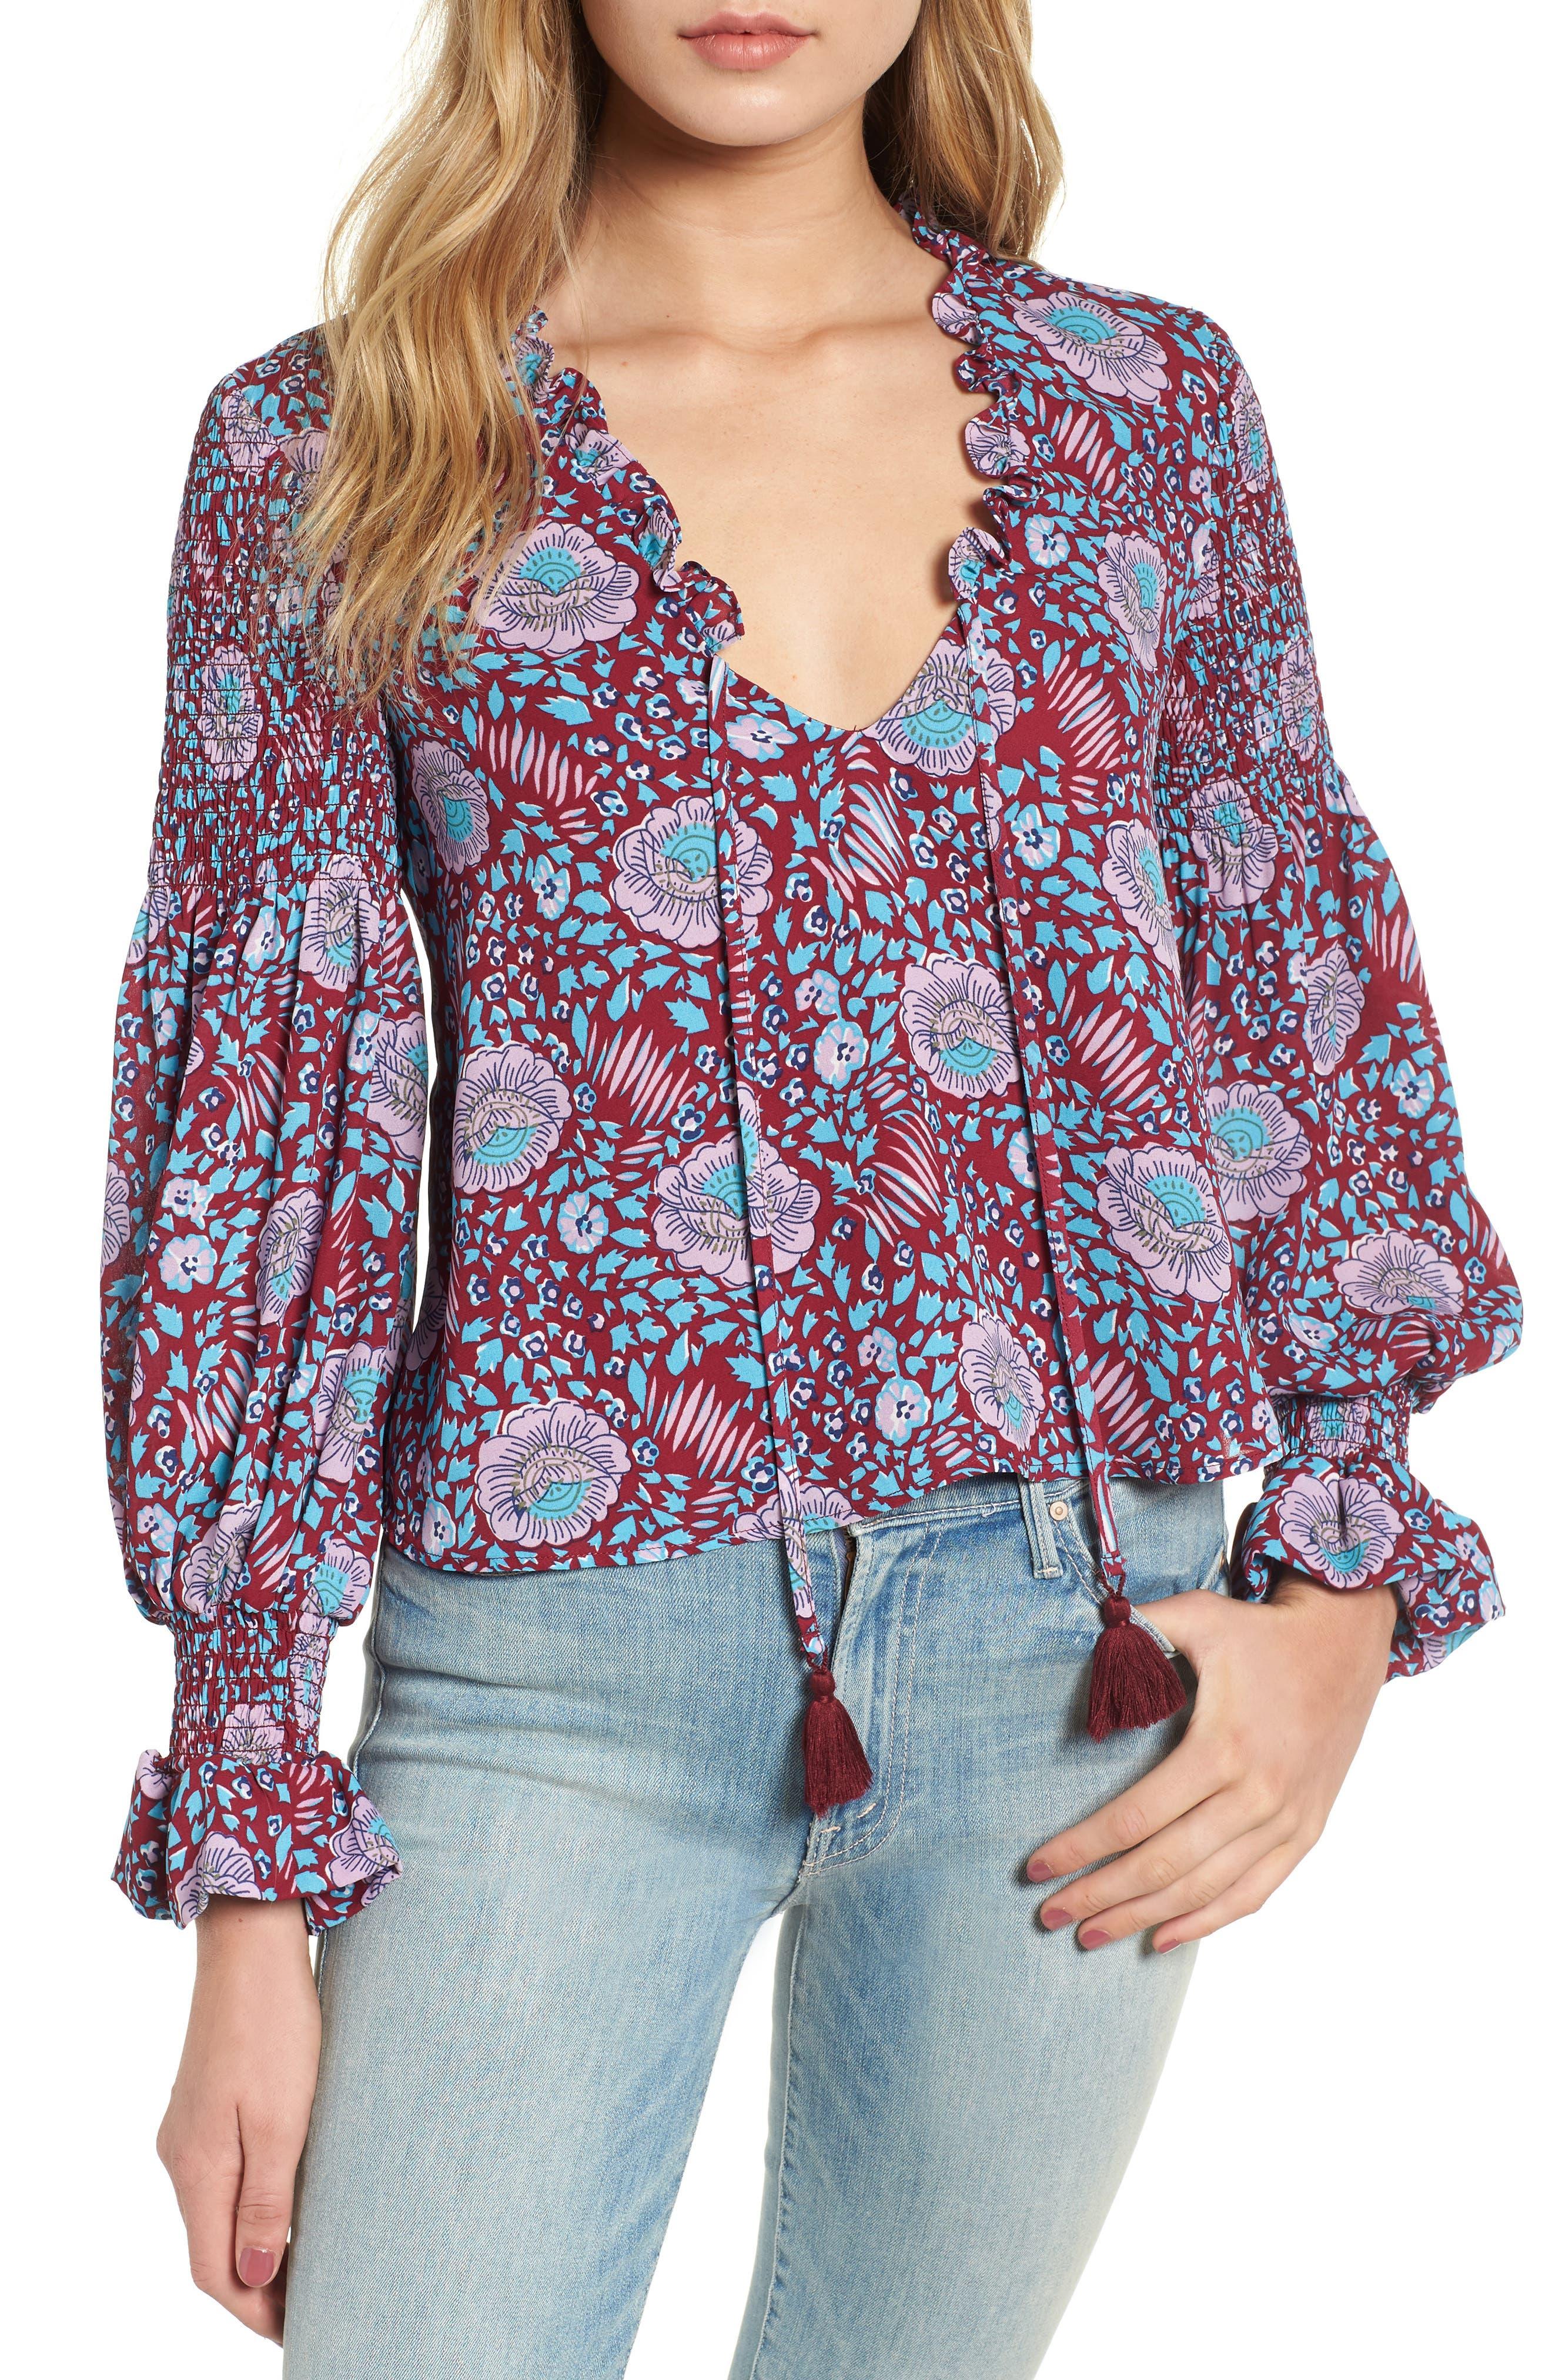 Penelope Floral Ruffle Top,                         Main,                         color, DARK RED MULTI